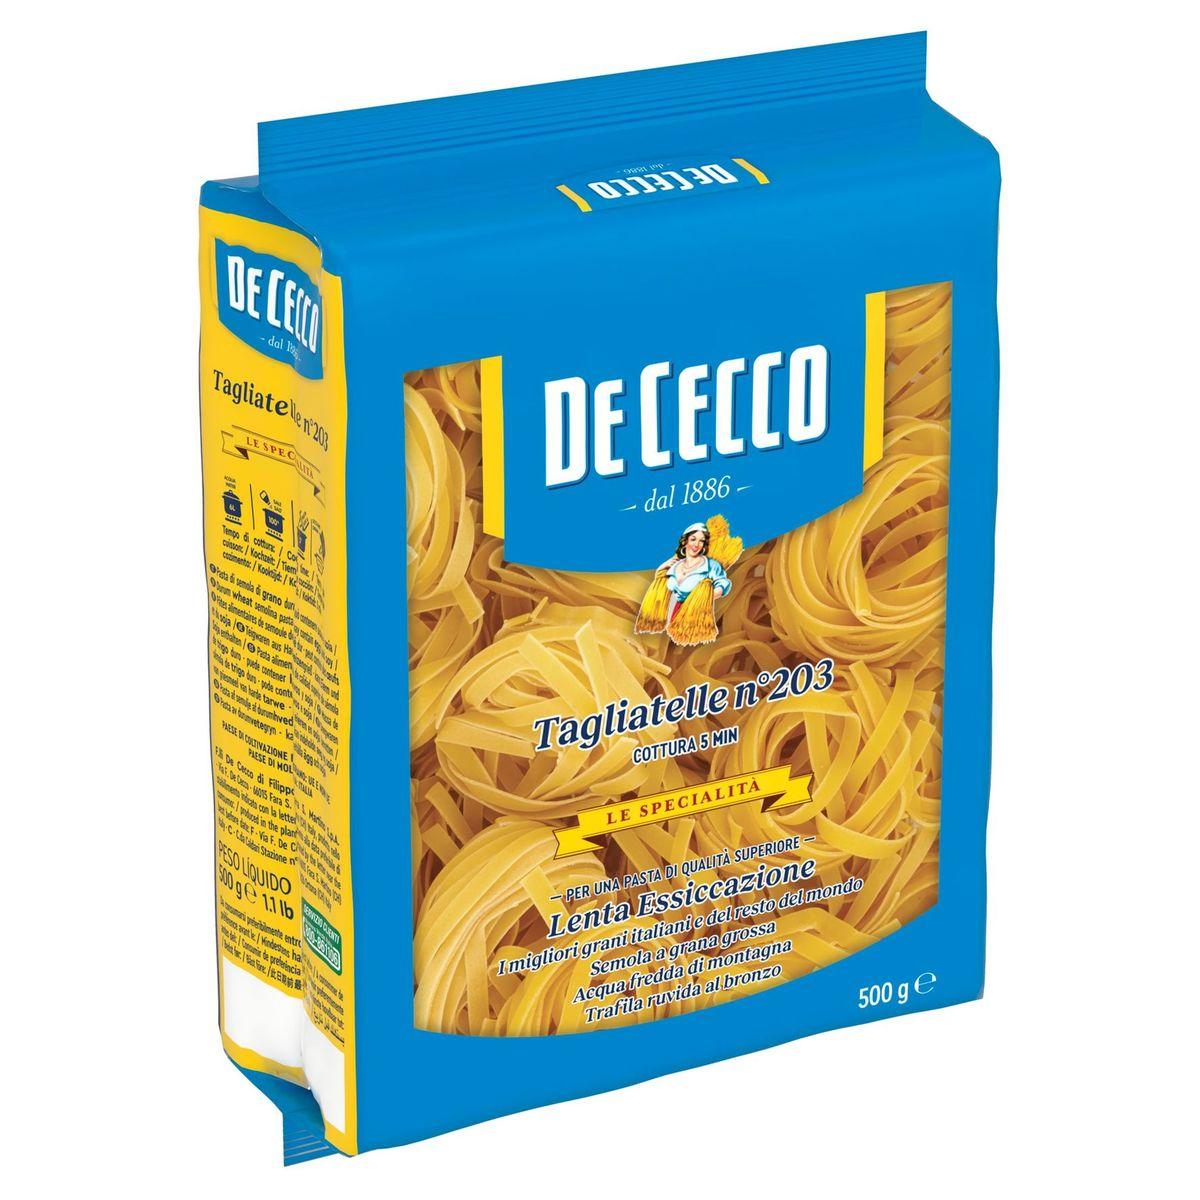 De Cecco Tagliatelle n°203 500 g